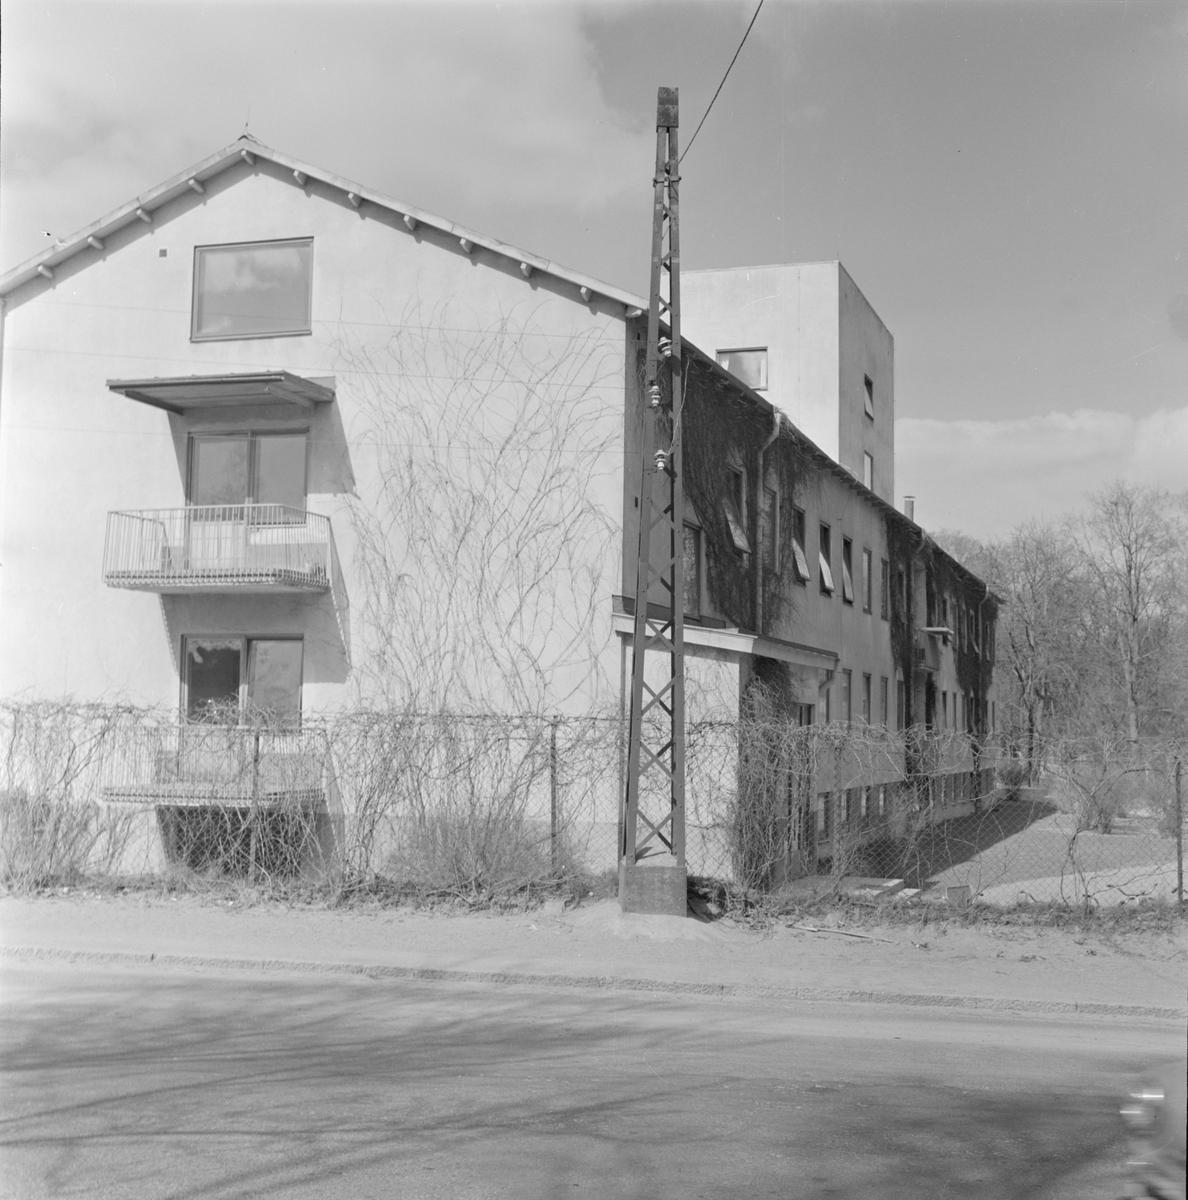 Akademiska sjukhuset, Uppsala 1958 - 1959